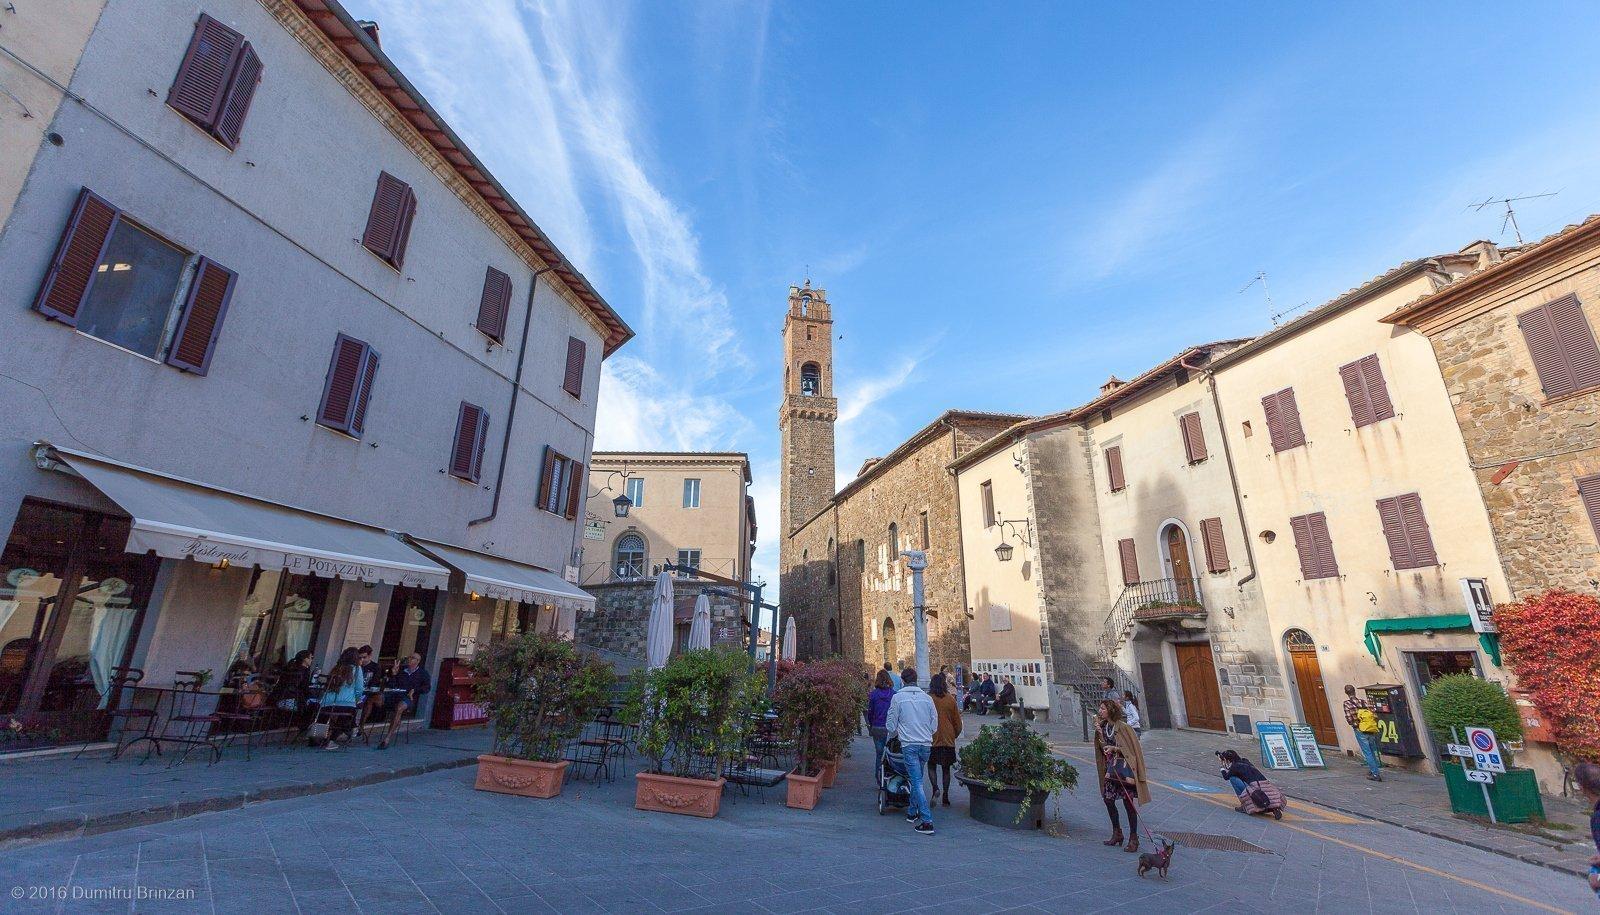 2016-montalcino-tuscany-italy-23